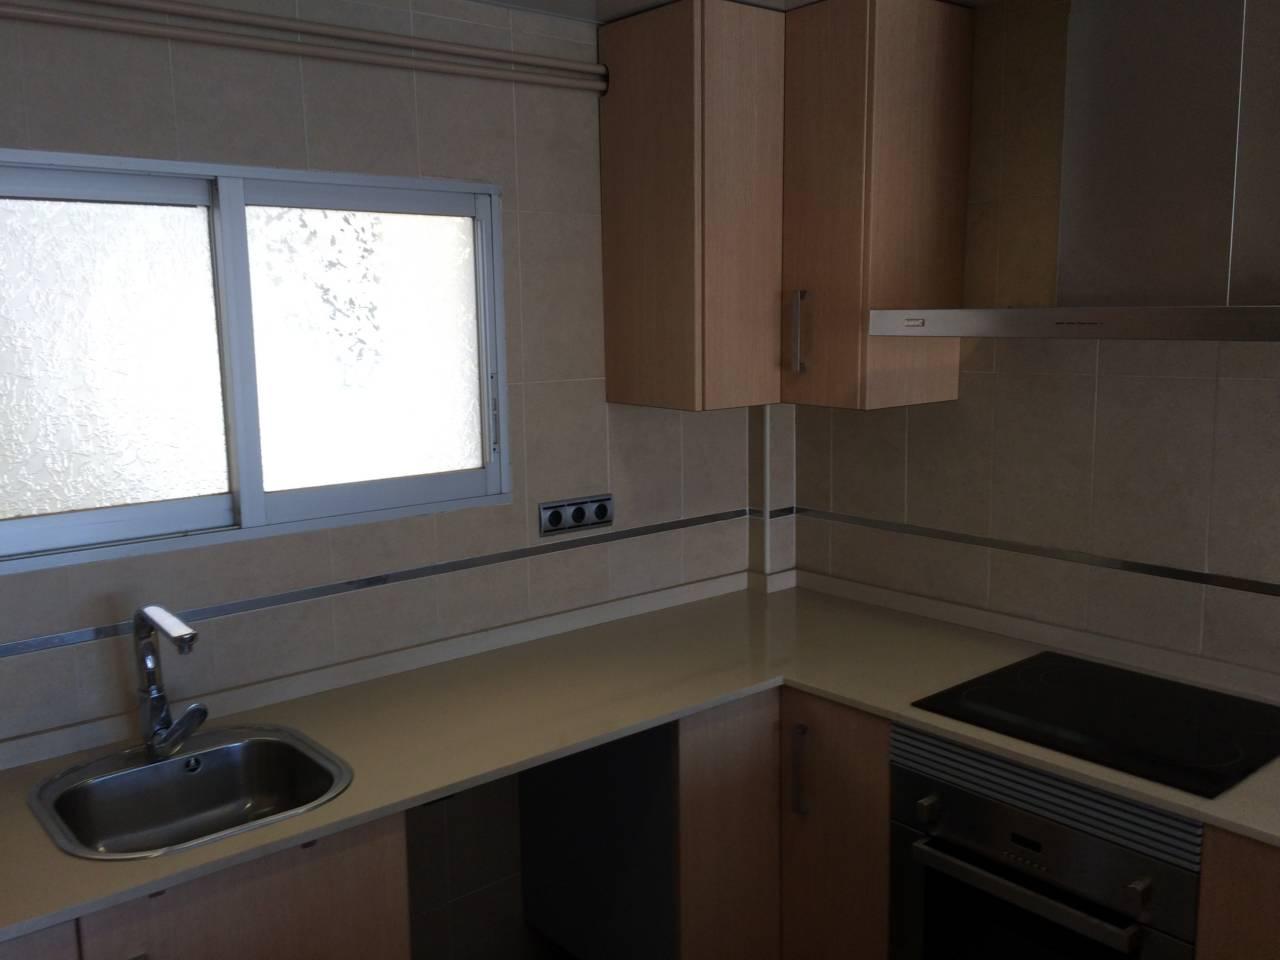 Piso  Josa. Sup. 60 m²,  3 habitaciones (2 dobles,  1 ind.),  1 baño, lavad.